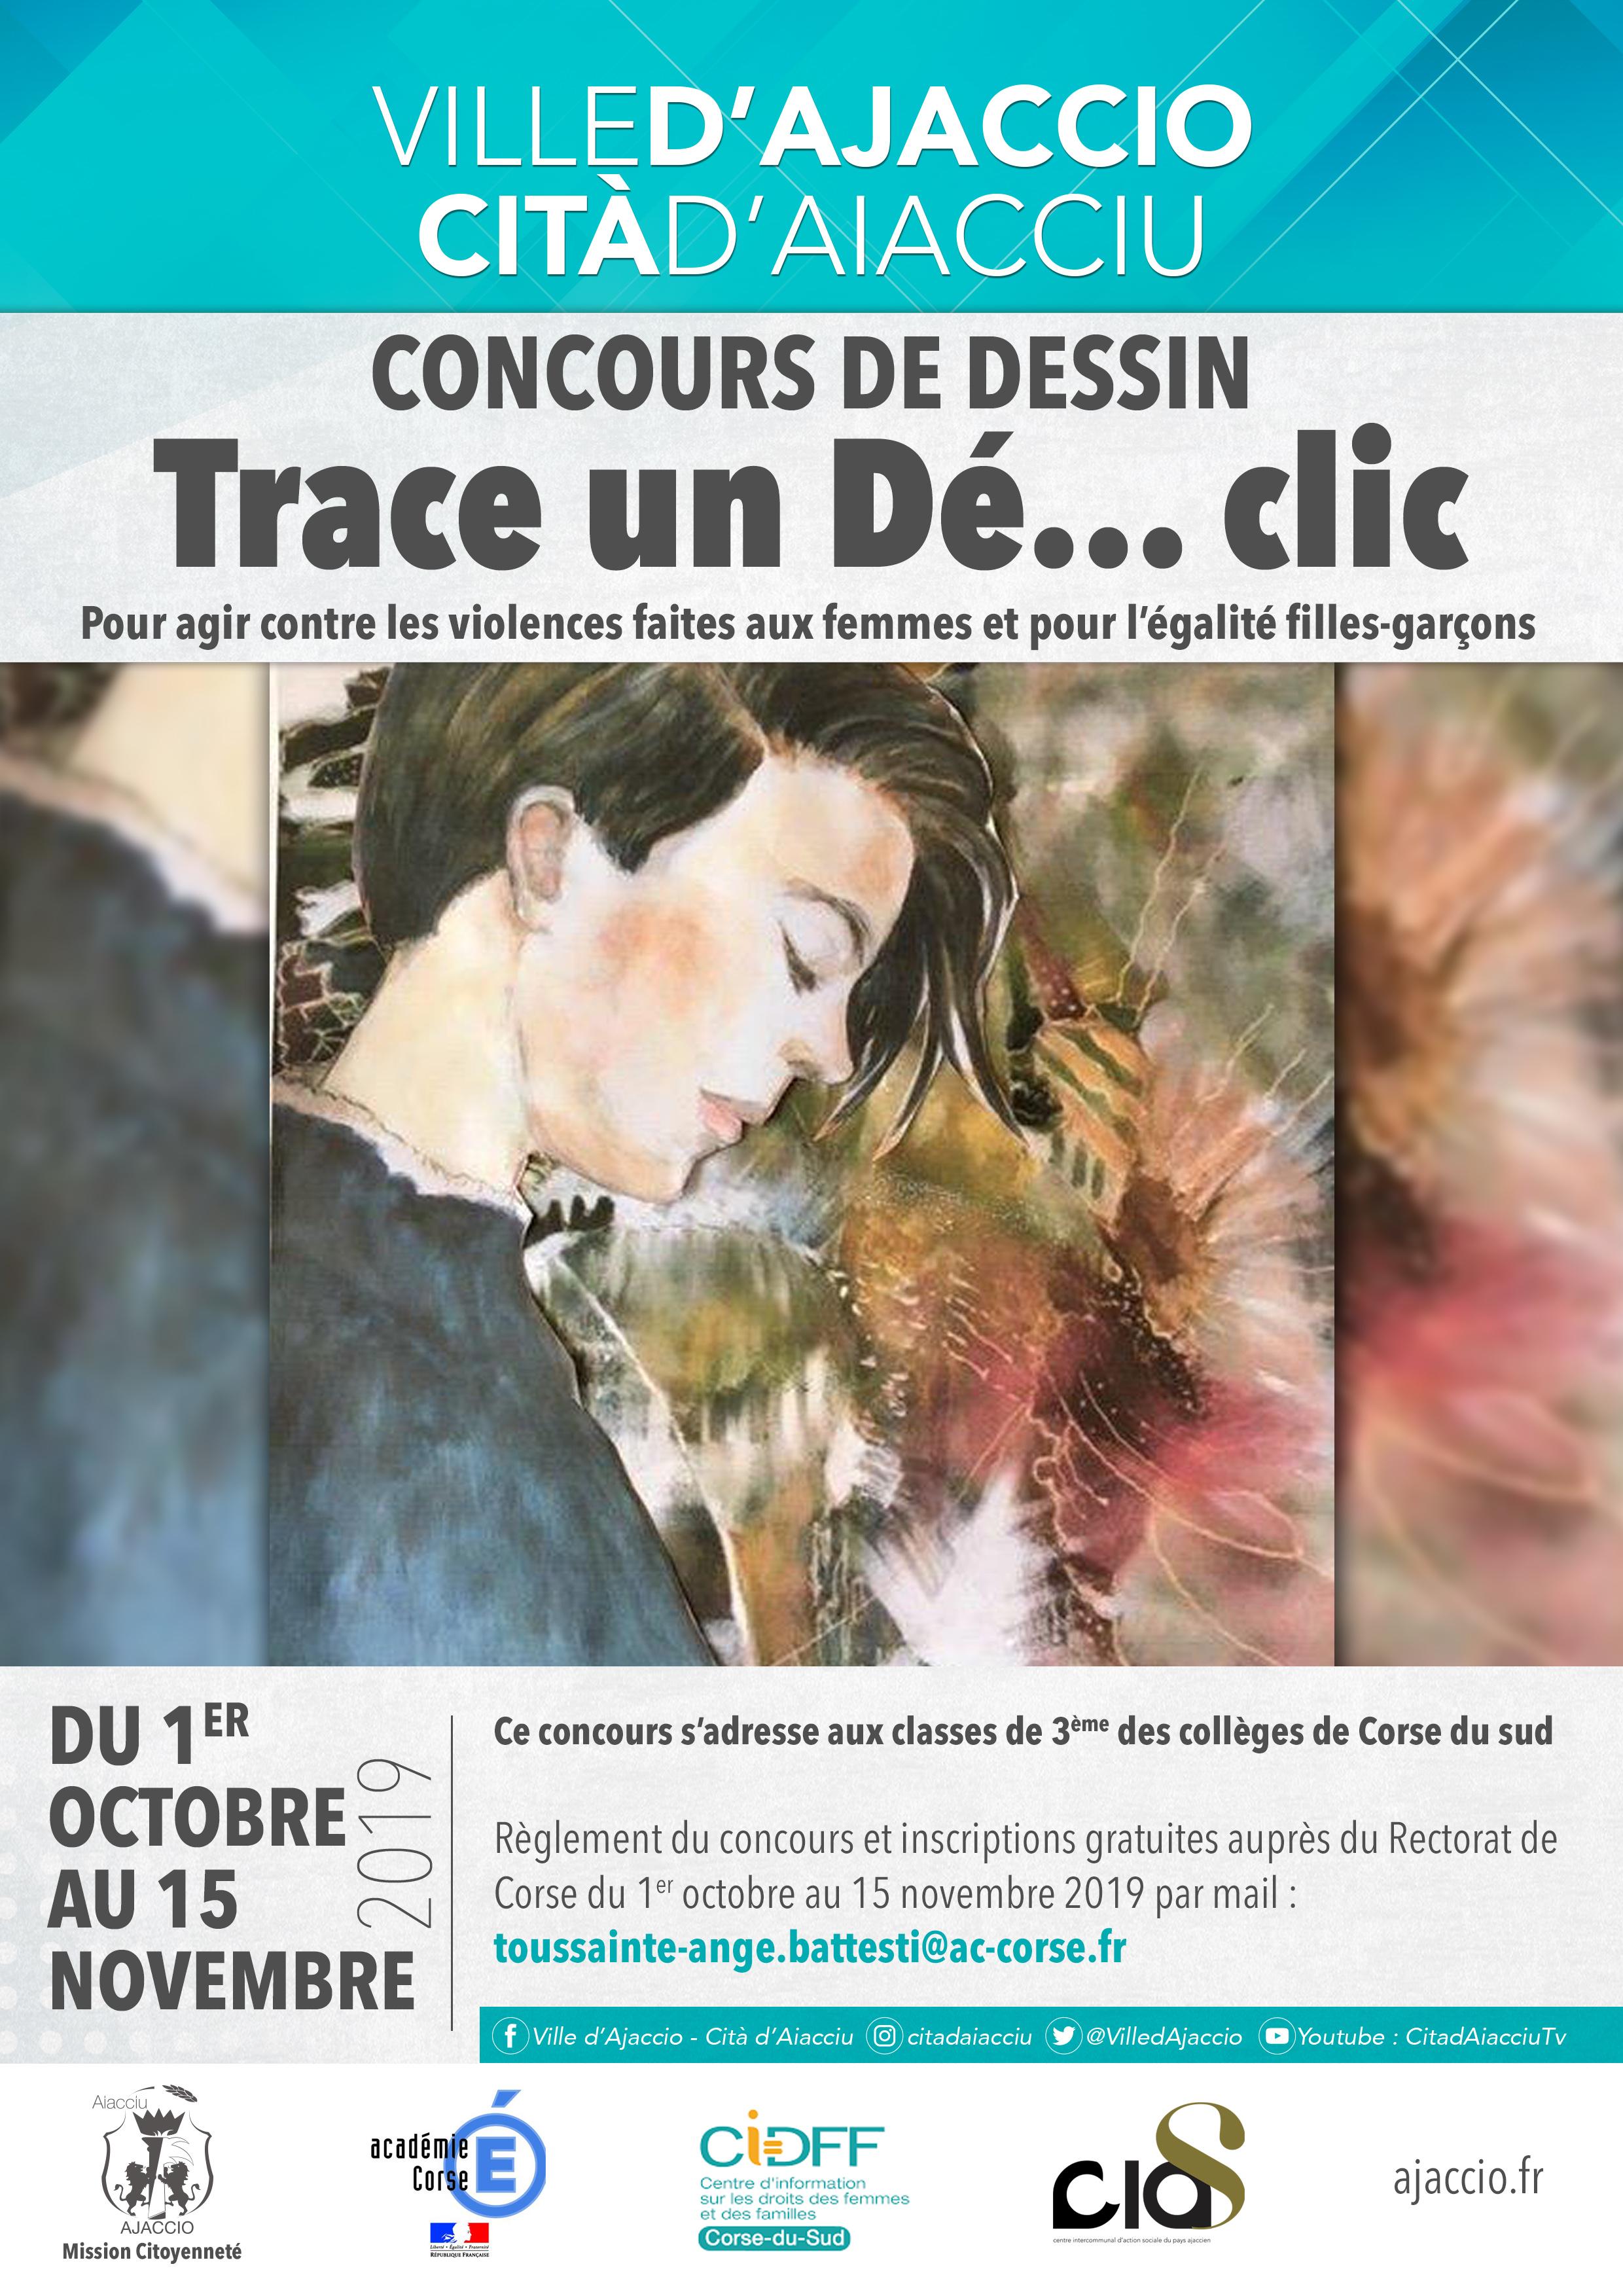 Expositions, concours d'affiches et théâtre pour dénoncer les violences faites aux femmes